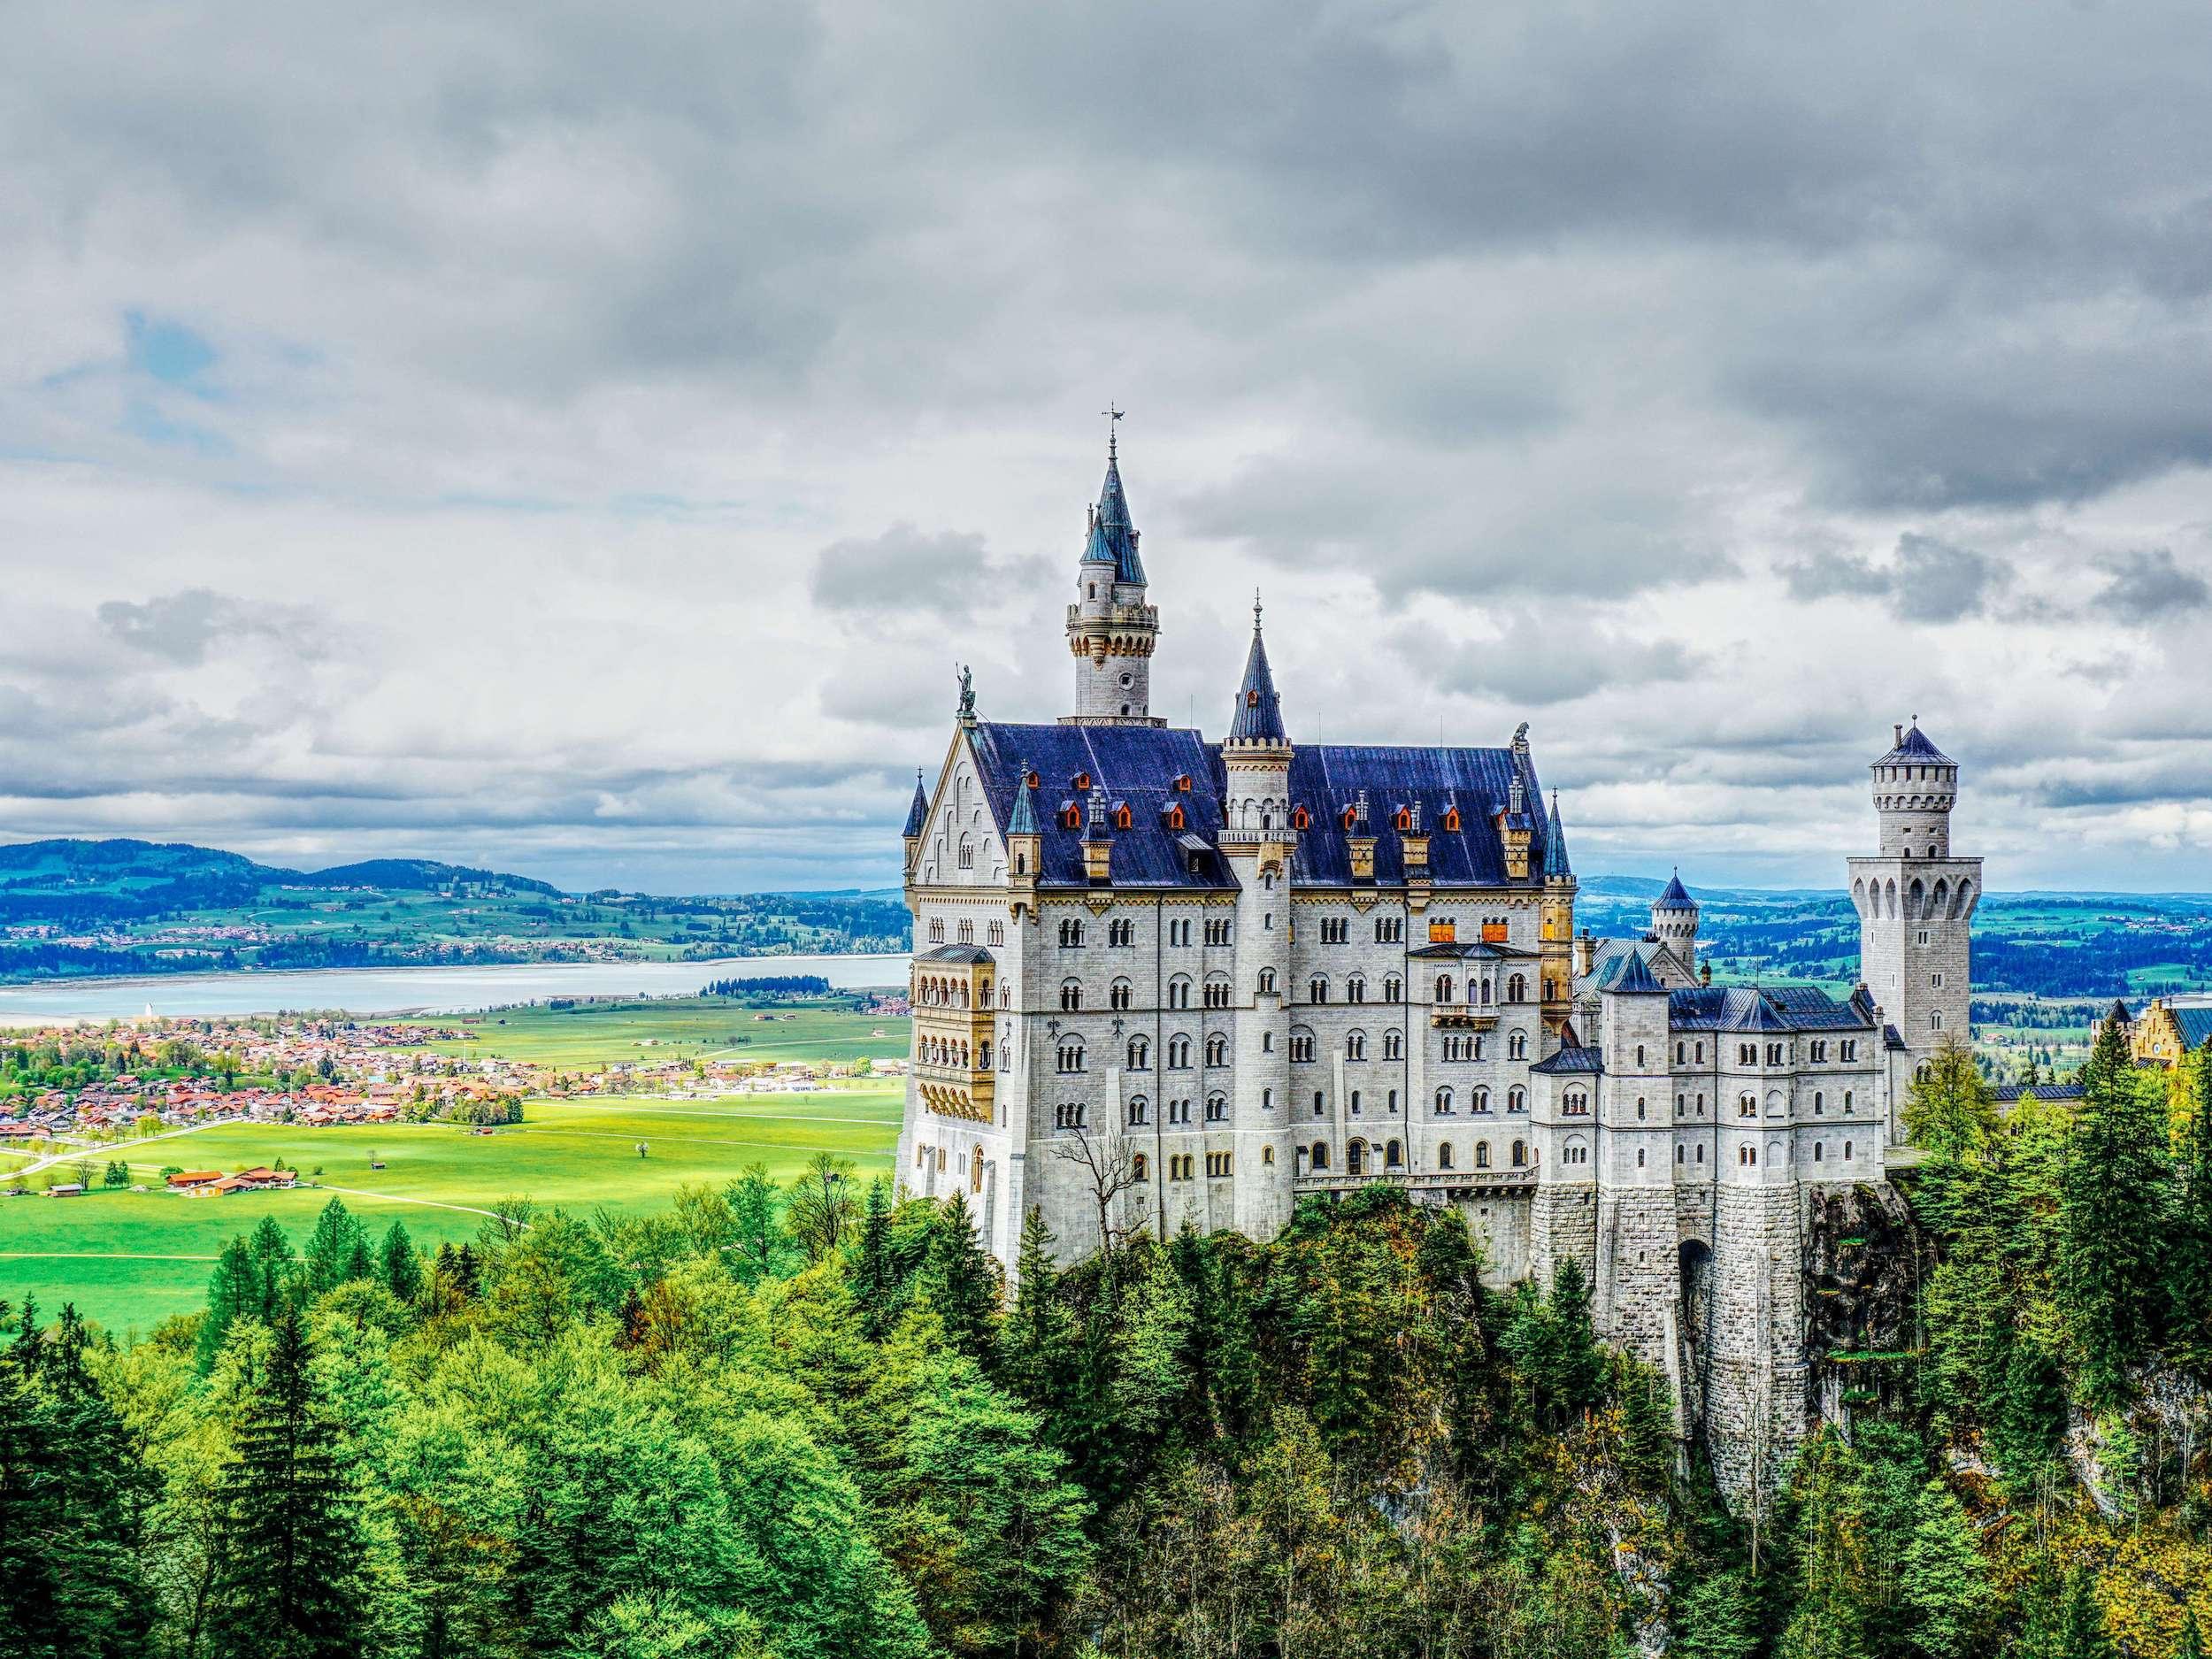 Top 10 Sevaerdigheder I Tyskland Attraktioner I Tyskland Vrbo